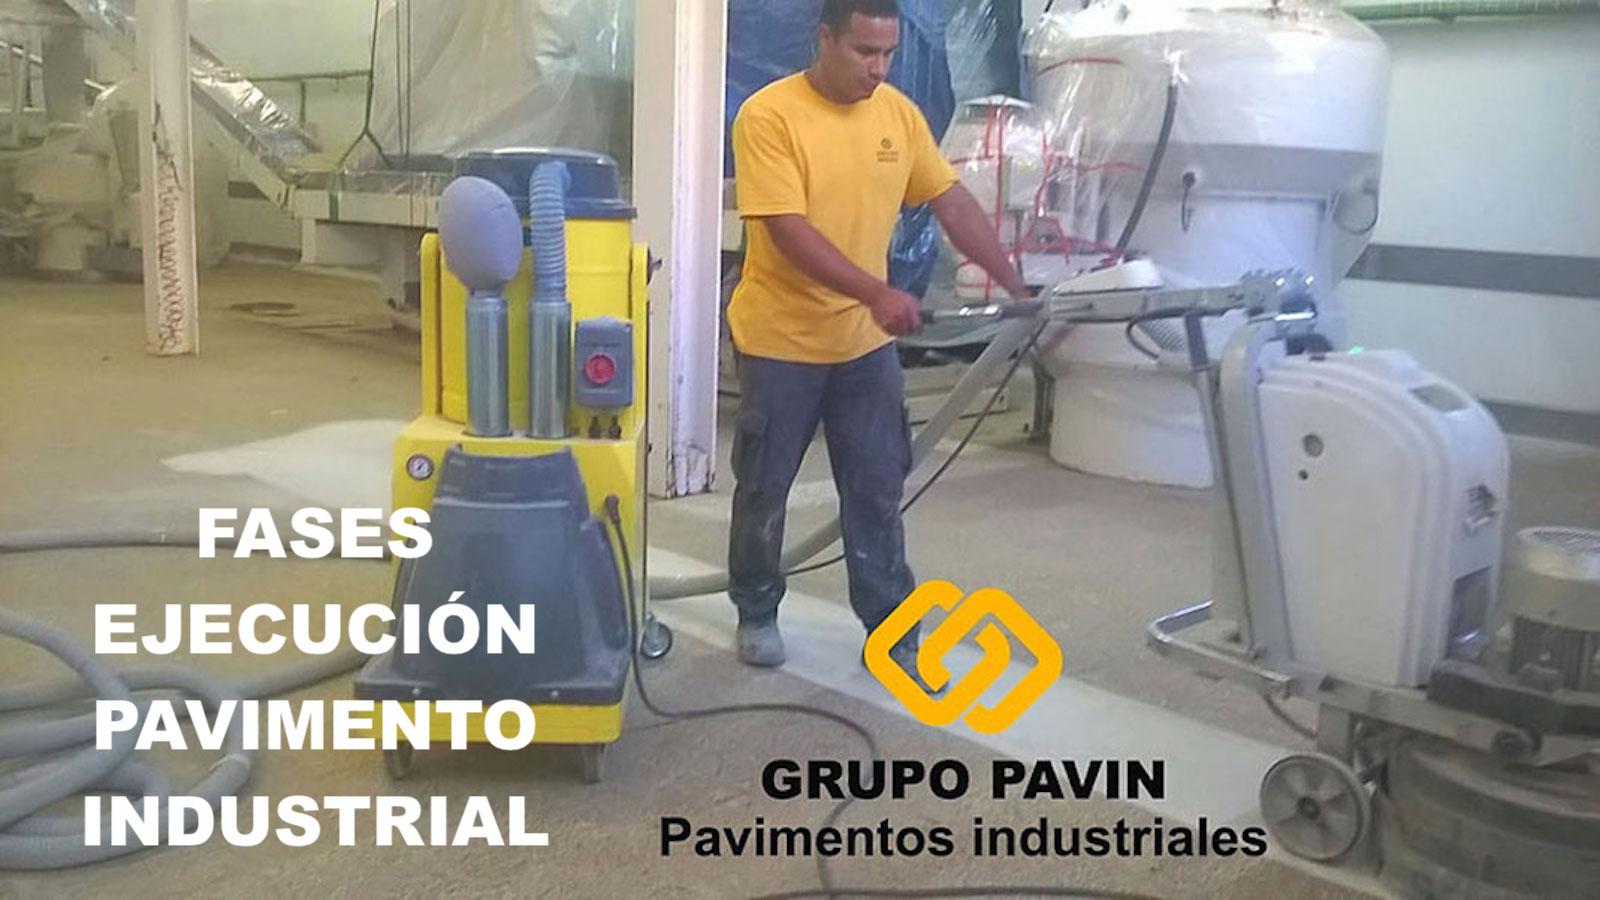 GRUPO PAVIN - Suelos y pavimentos industriales | Fases del proceso de ejecución de un pavimento industrial